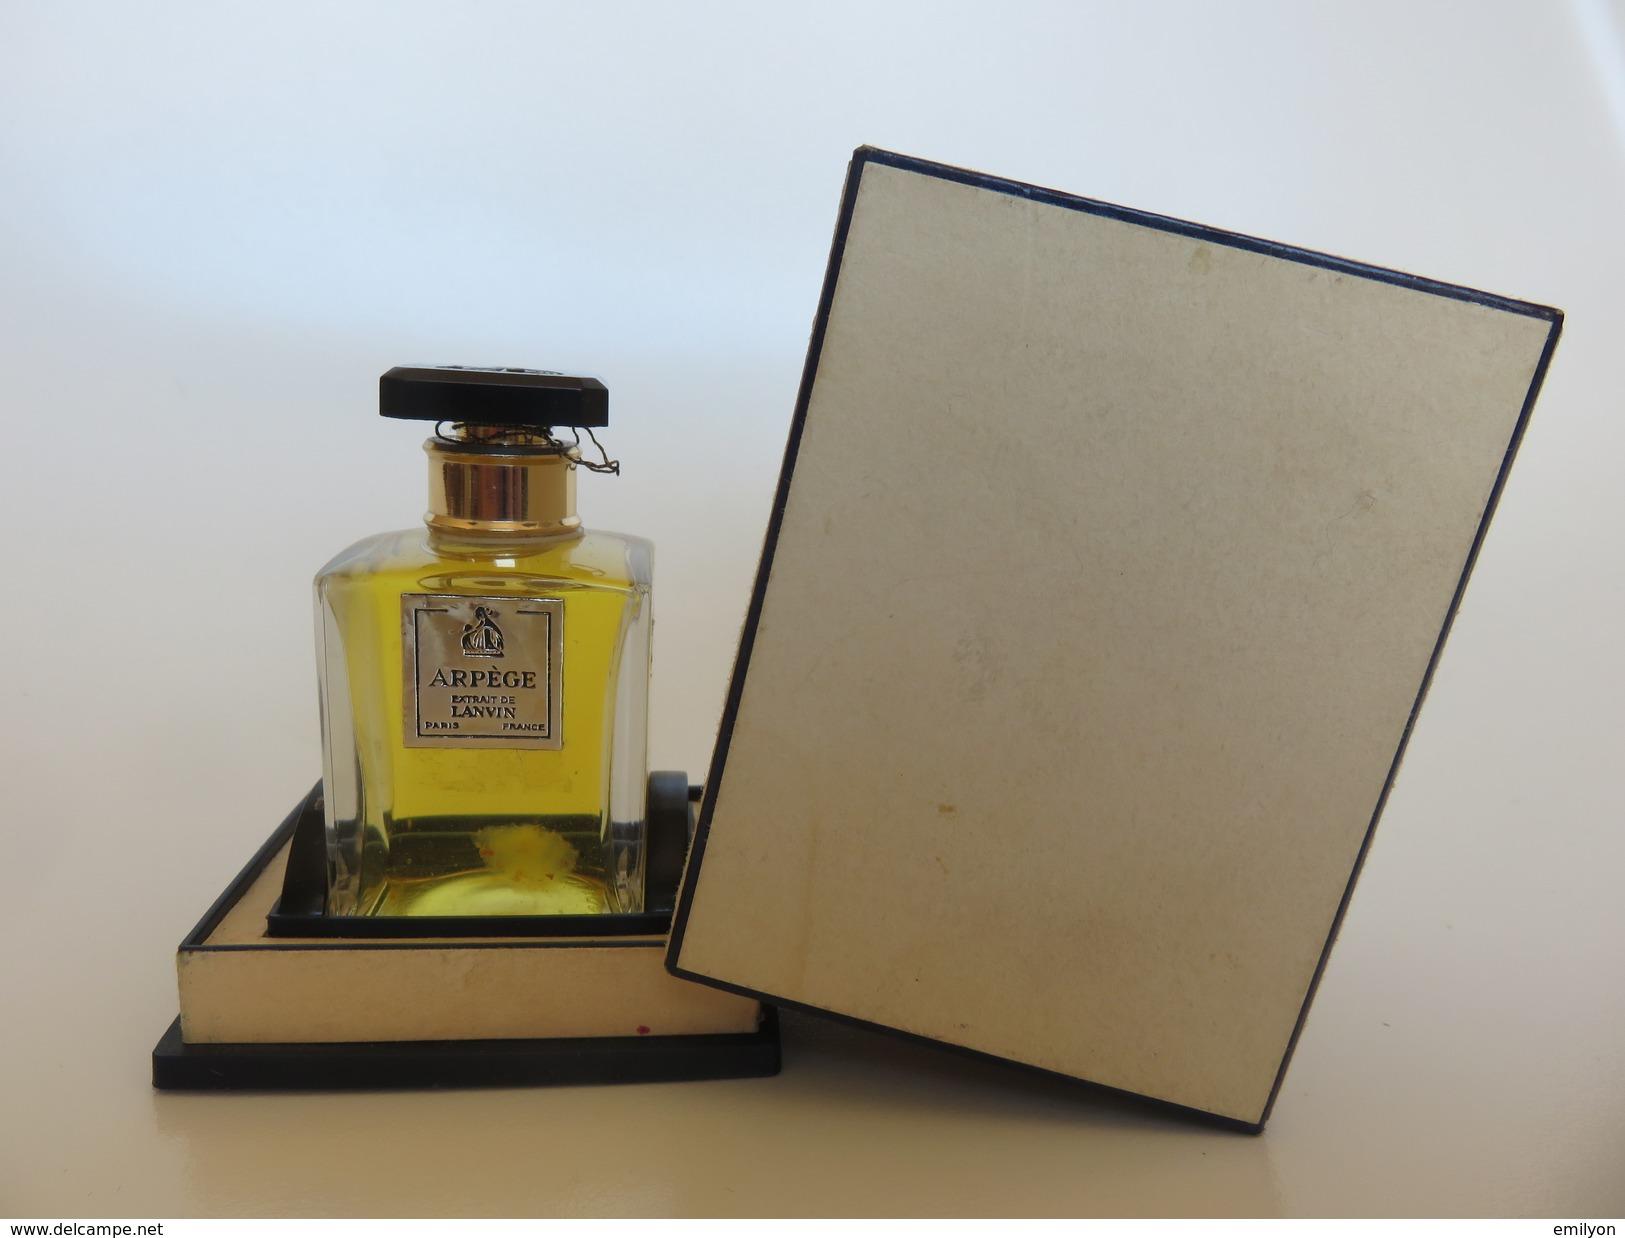 Arpège - Lanvin - Extrait - Fragrances